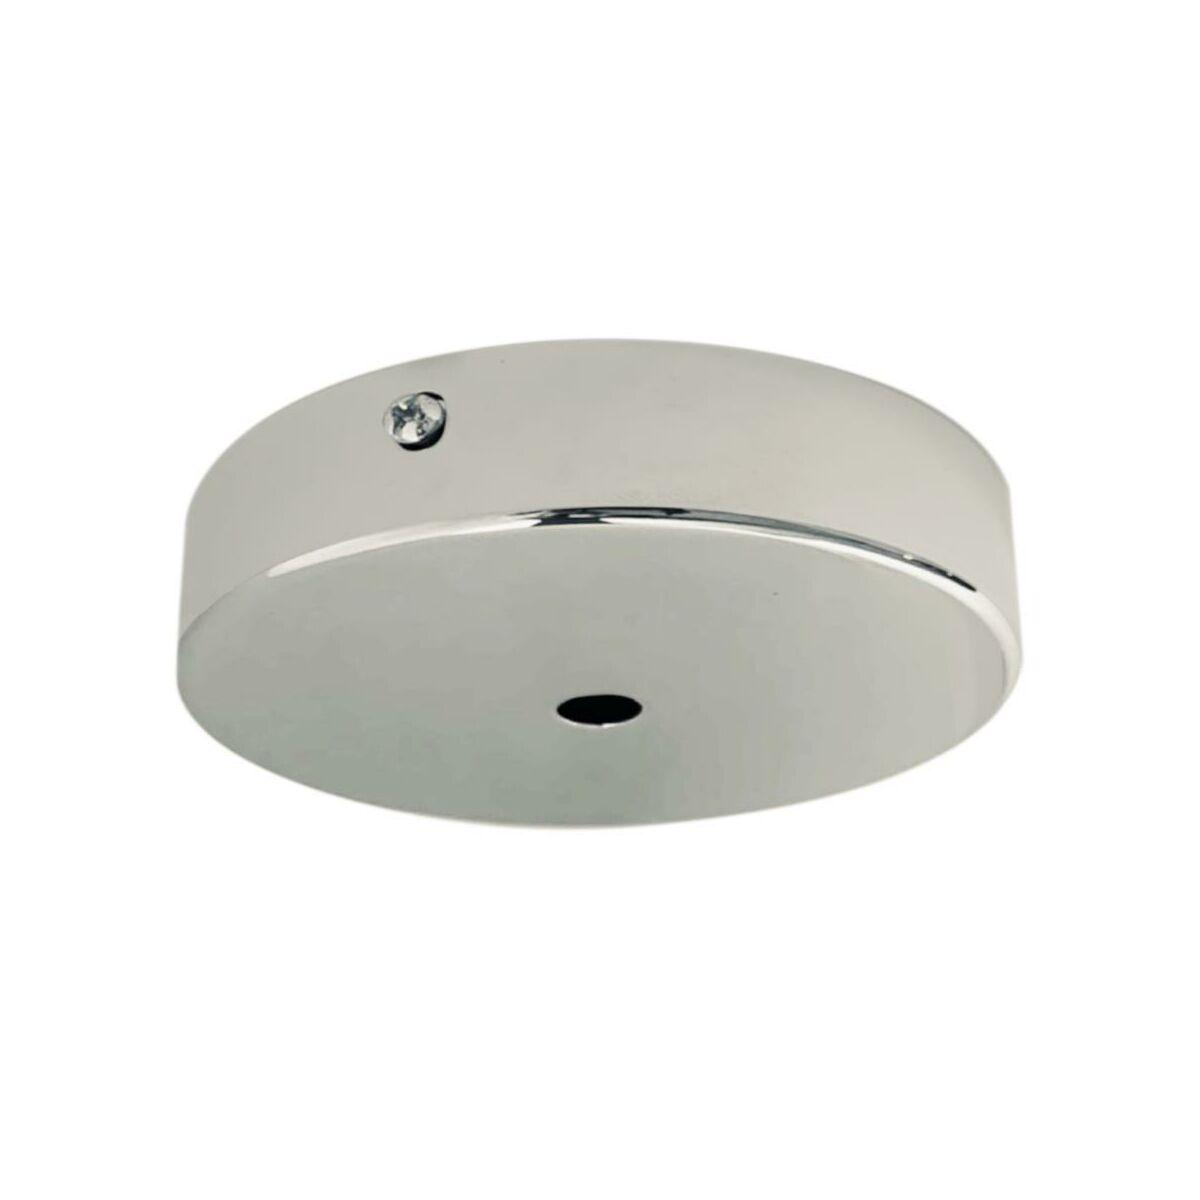 Podsufitka Metalowa Pojedyncza Inox Lh0705 Oprawki W Atrakcyjnej Cenie W Sklepach Leroy Merlin